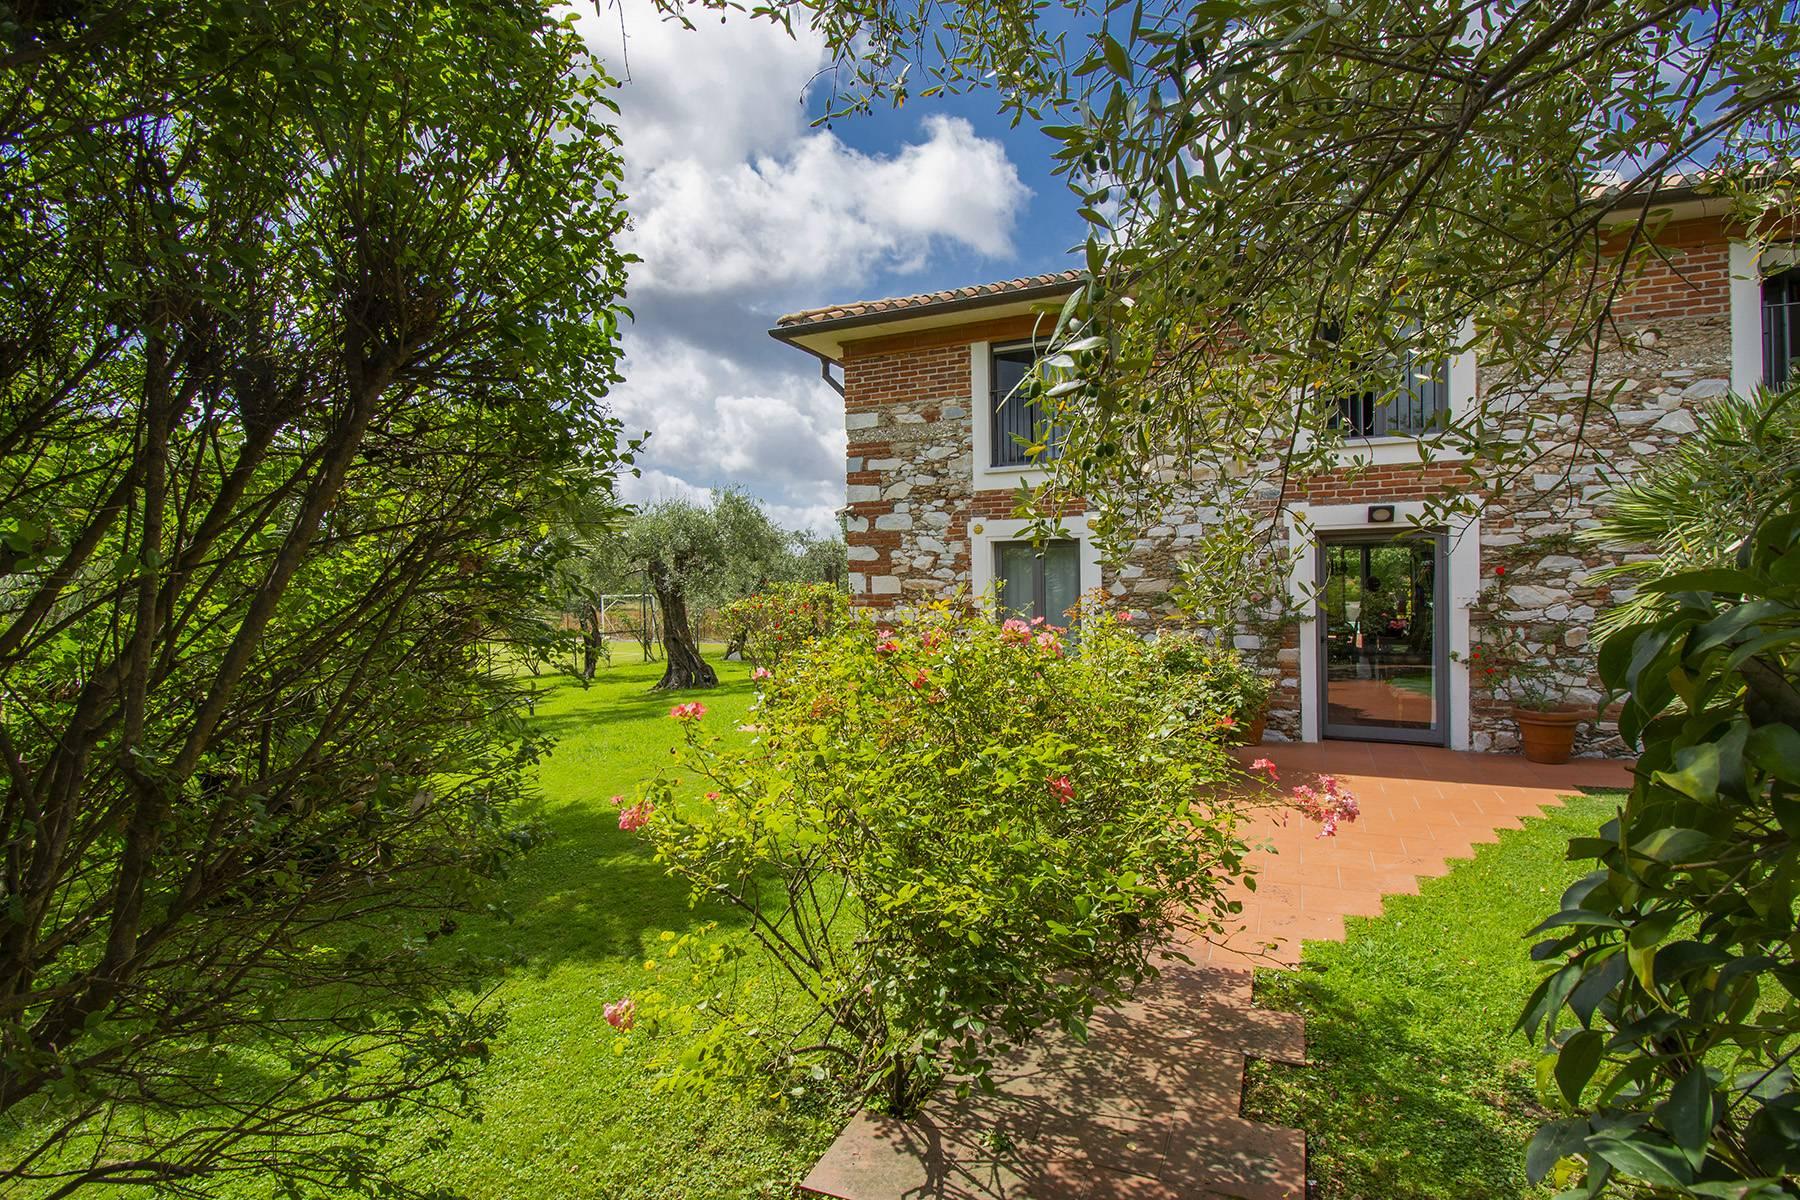 Casa indipendente in Vendita a Pietrasanta: 5 locali, 280 mq - Foto 14